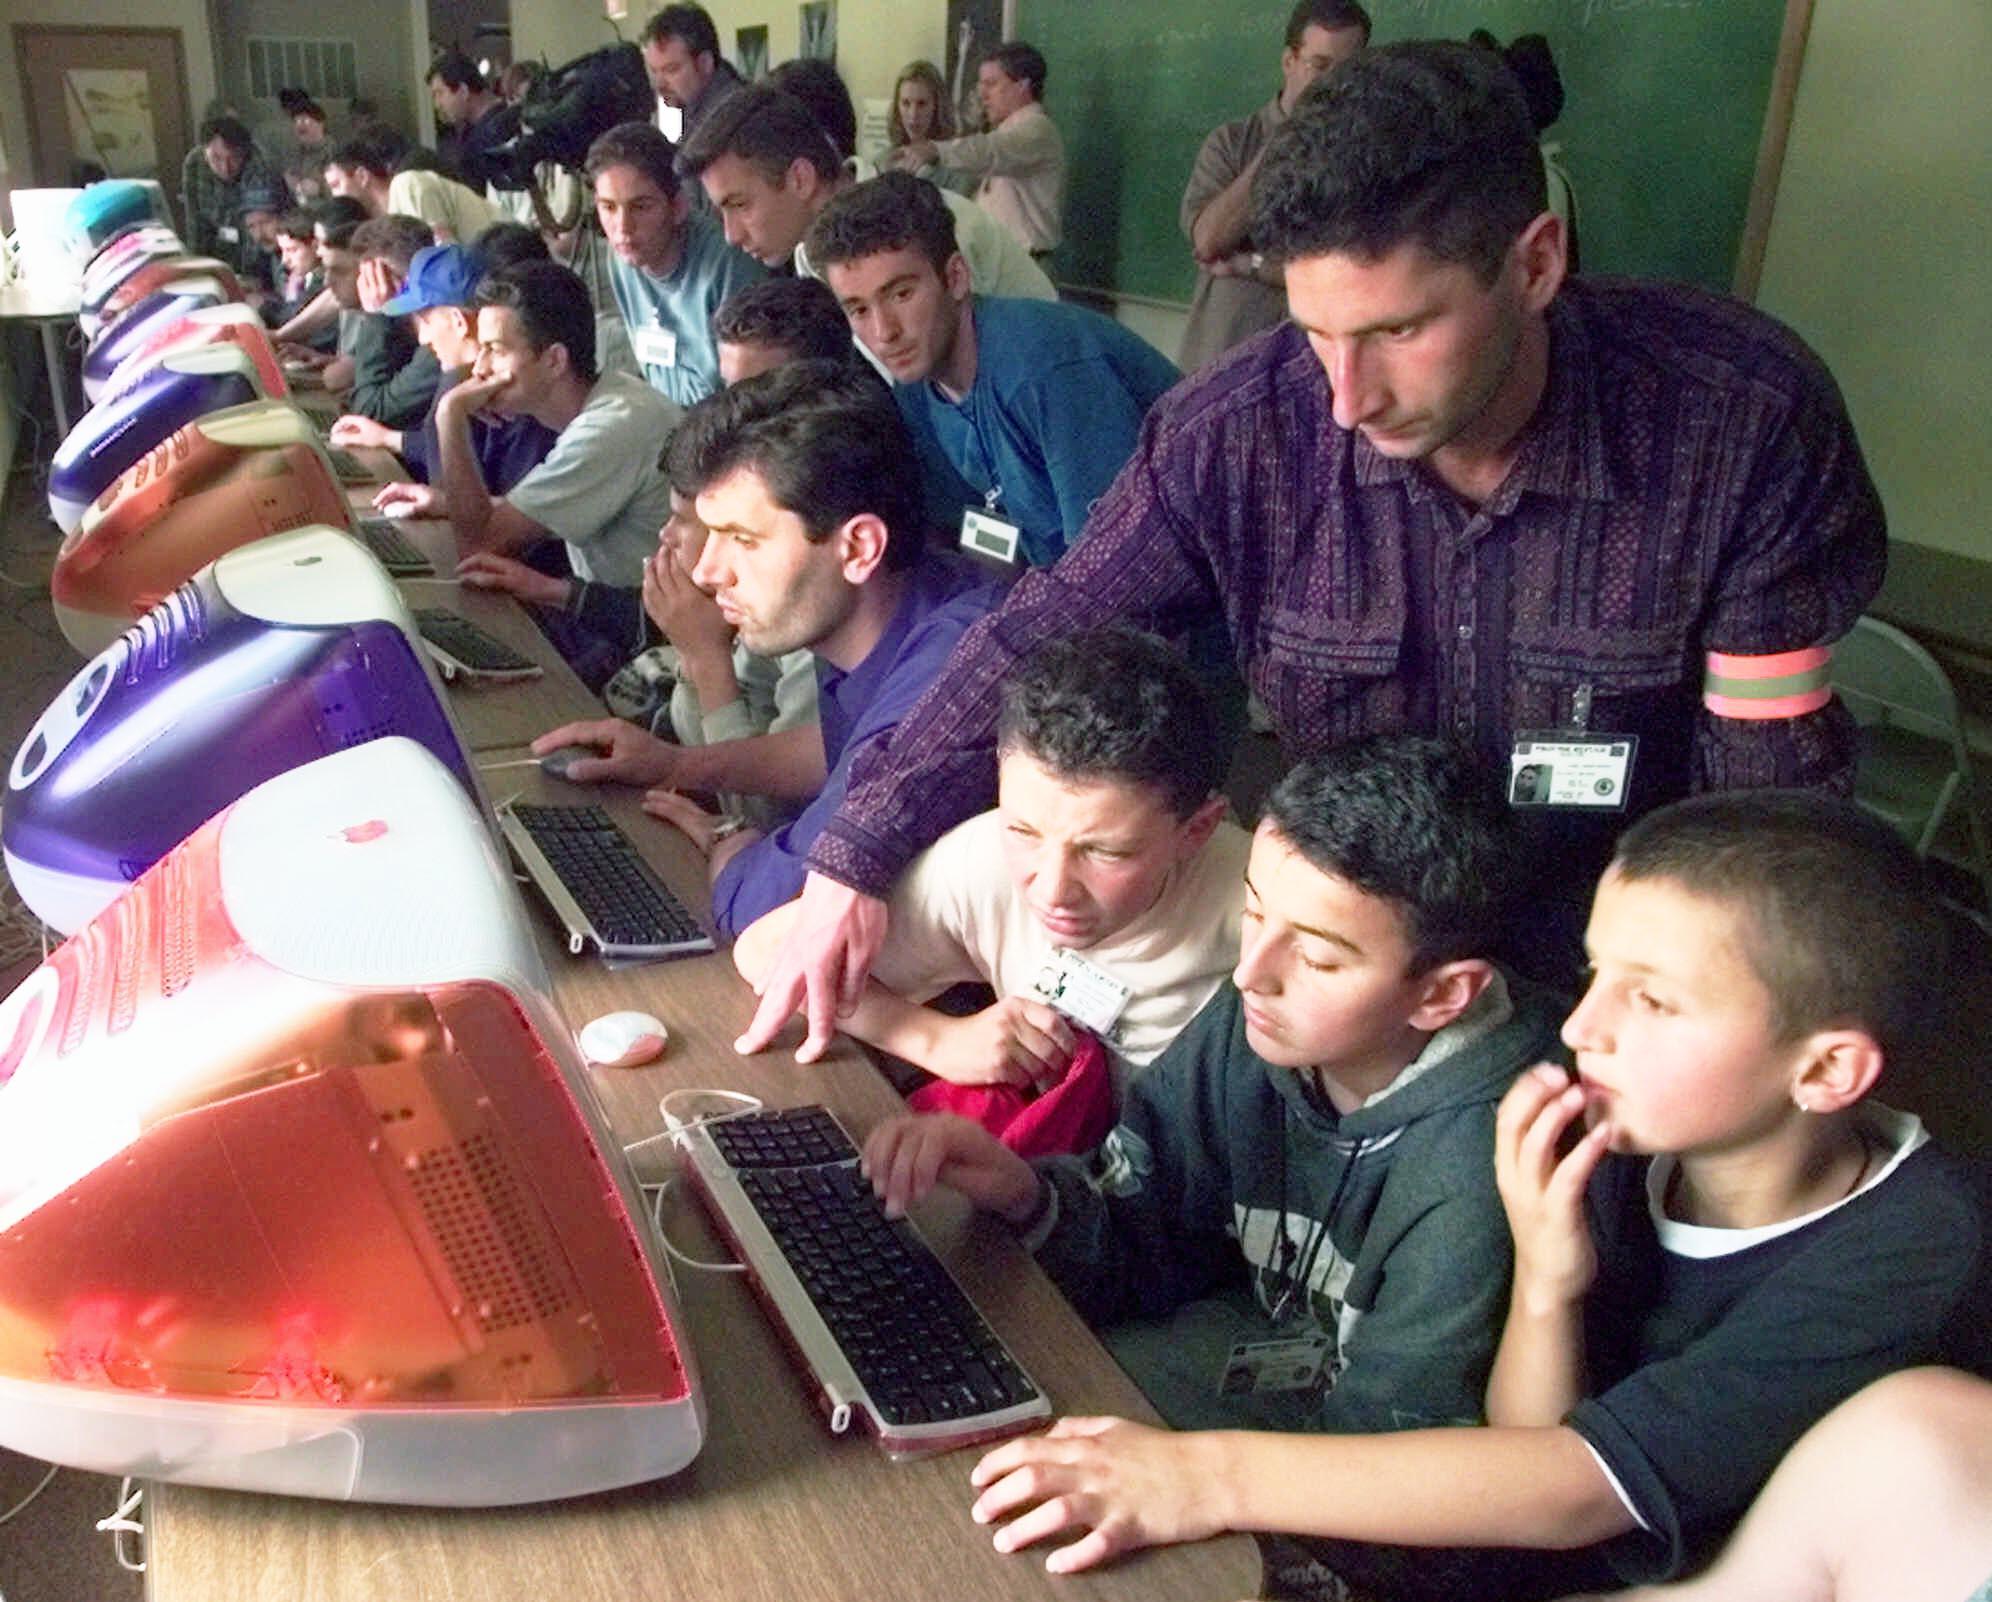 Un homme qui apprend à des garçons à se servir d'un ordinateur (© AP Images)